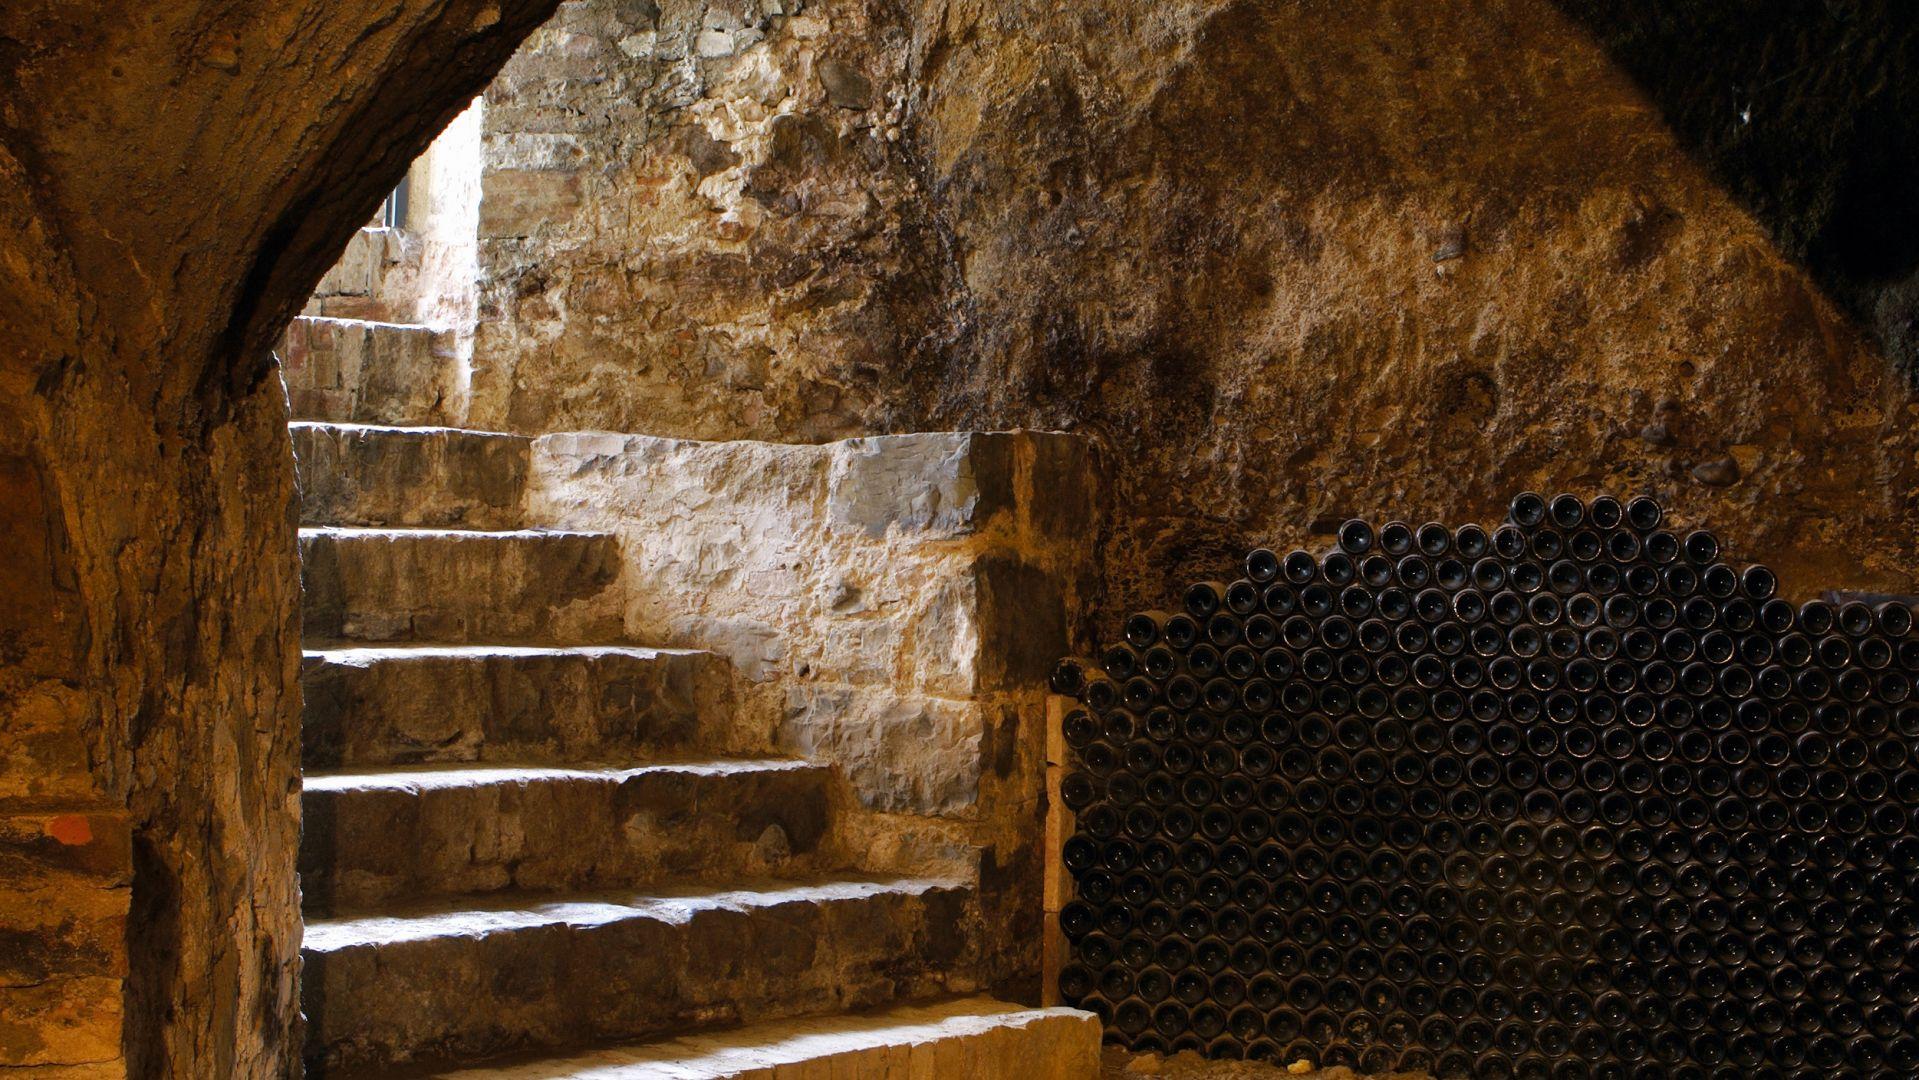 Poggio alle Mura Castle